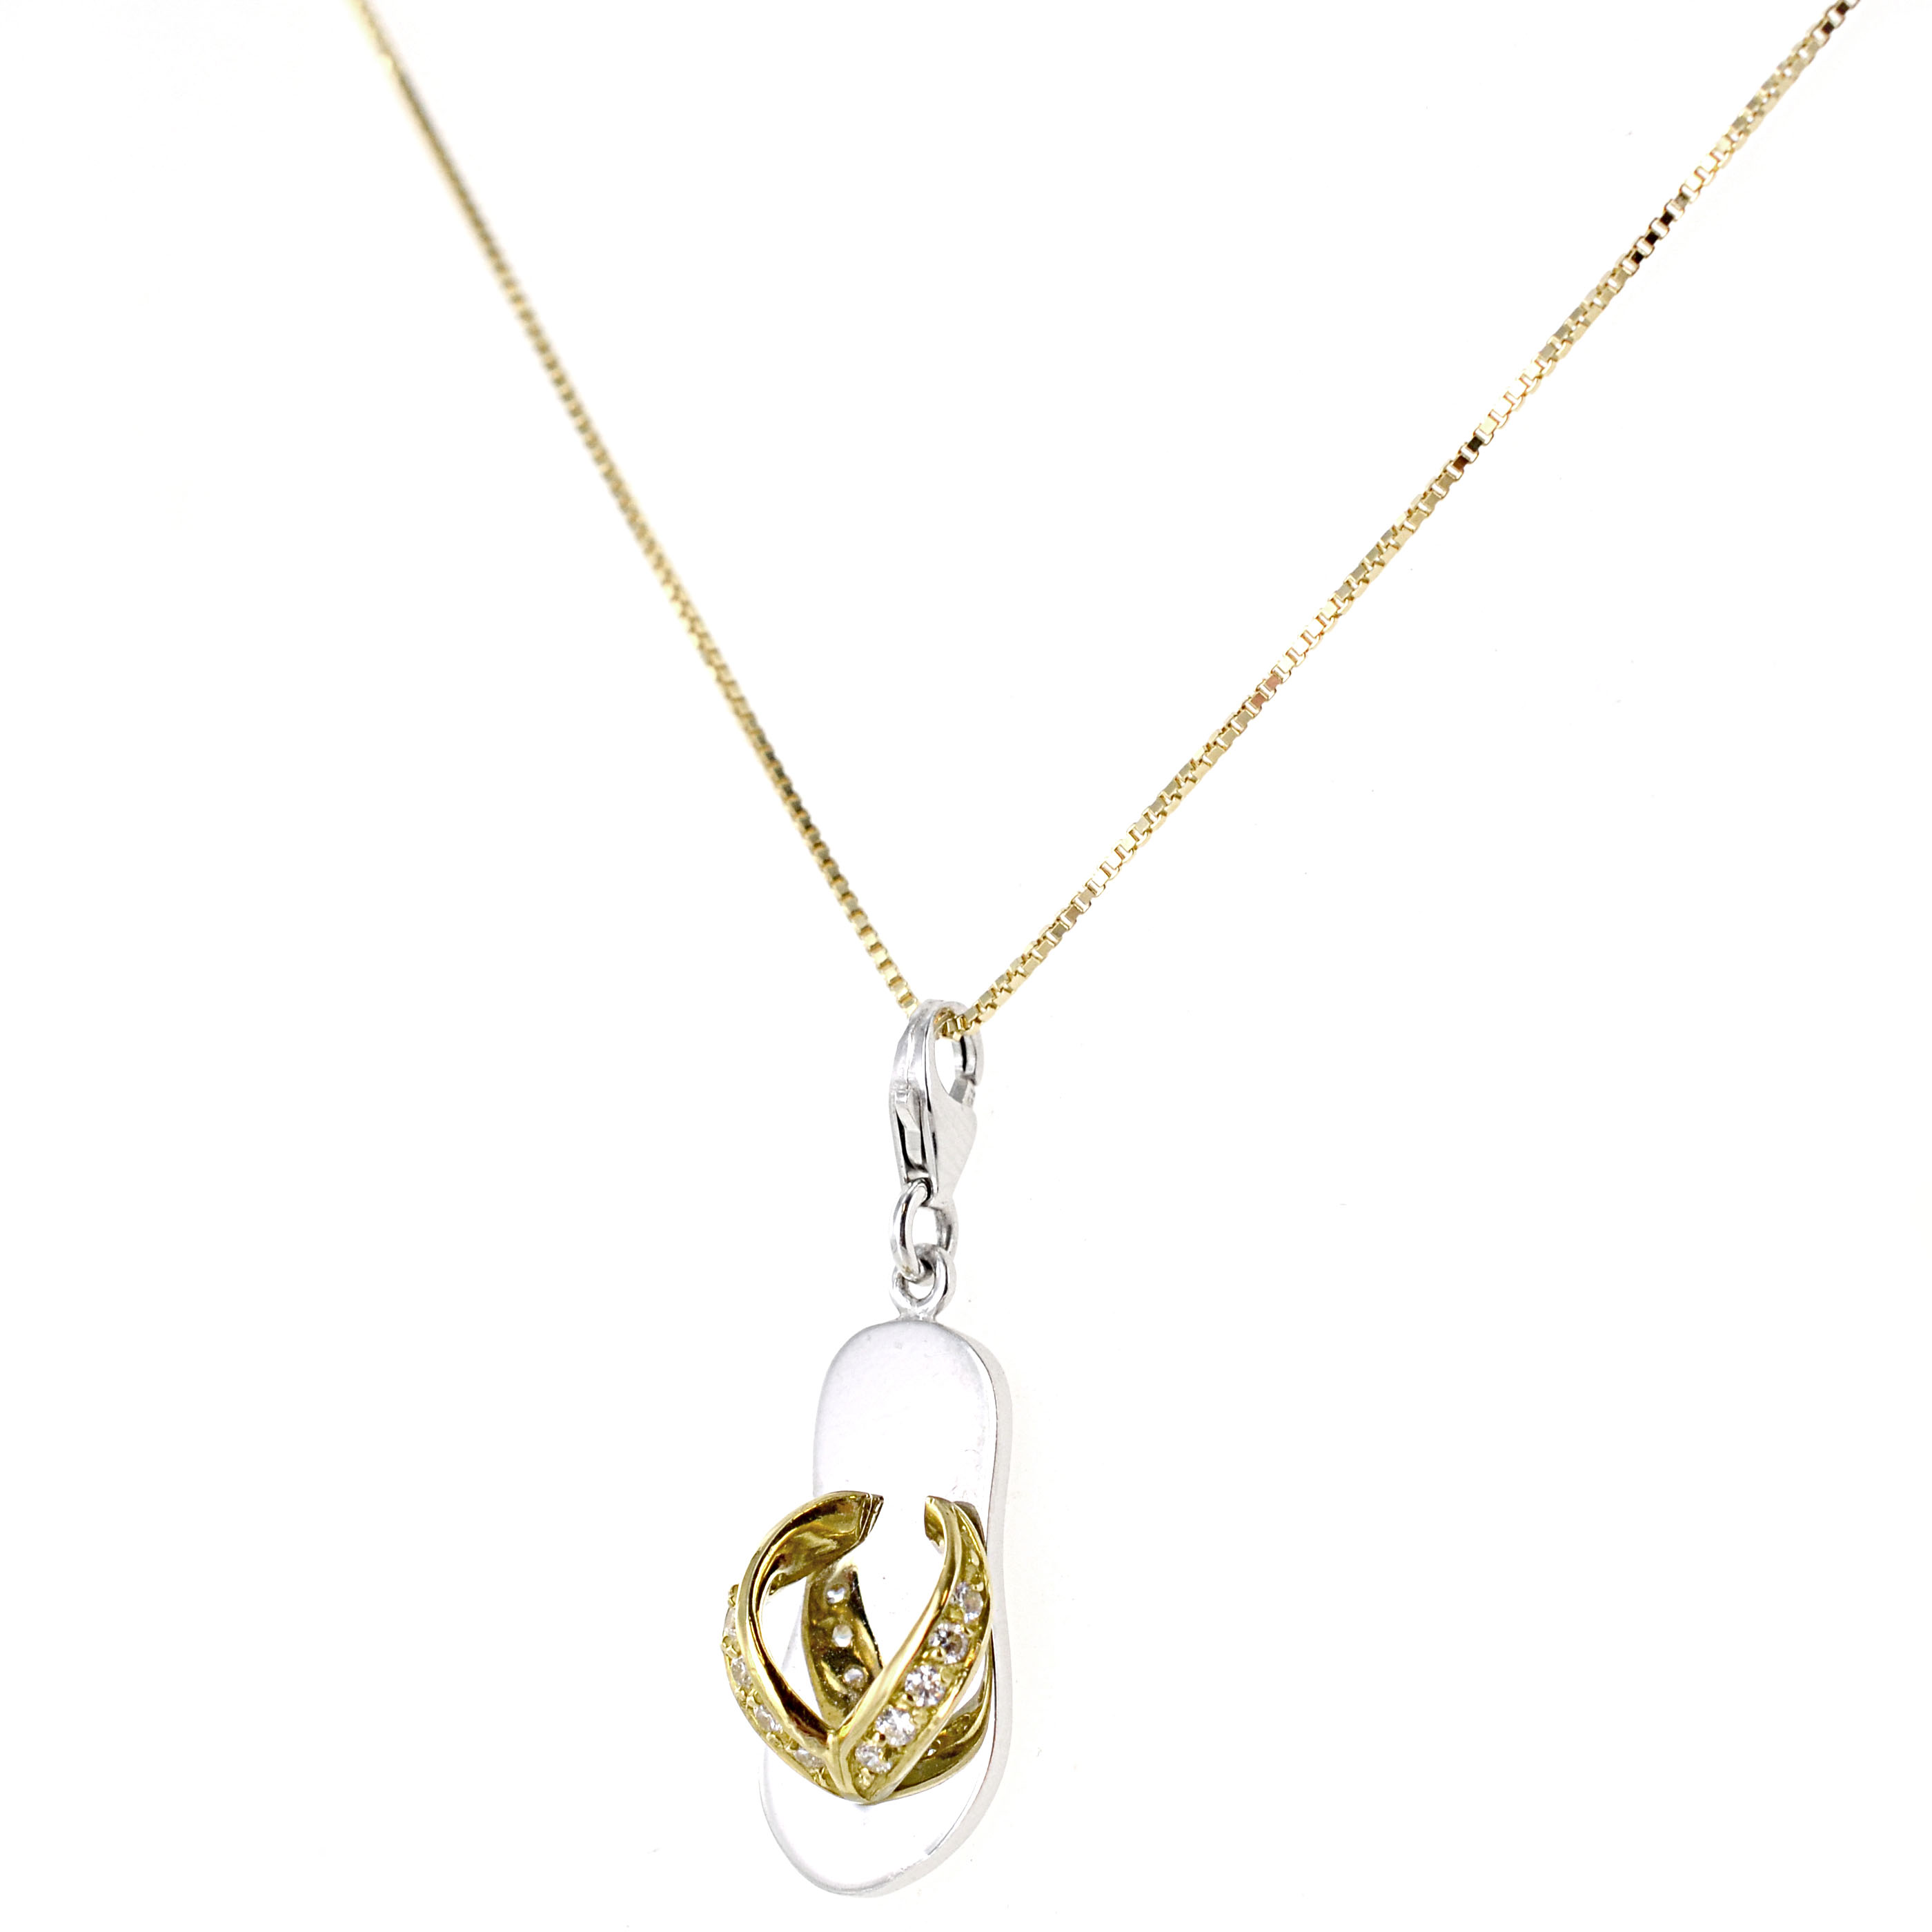 Collana con Ciondolo ciabattina infradito in oro e zirconi